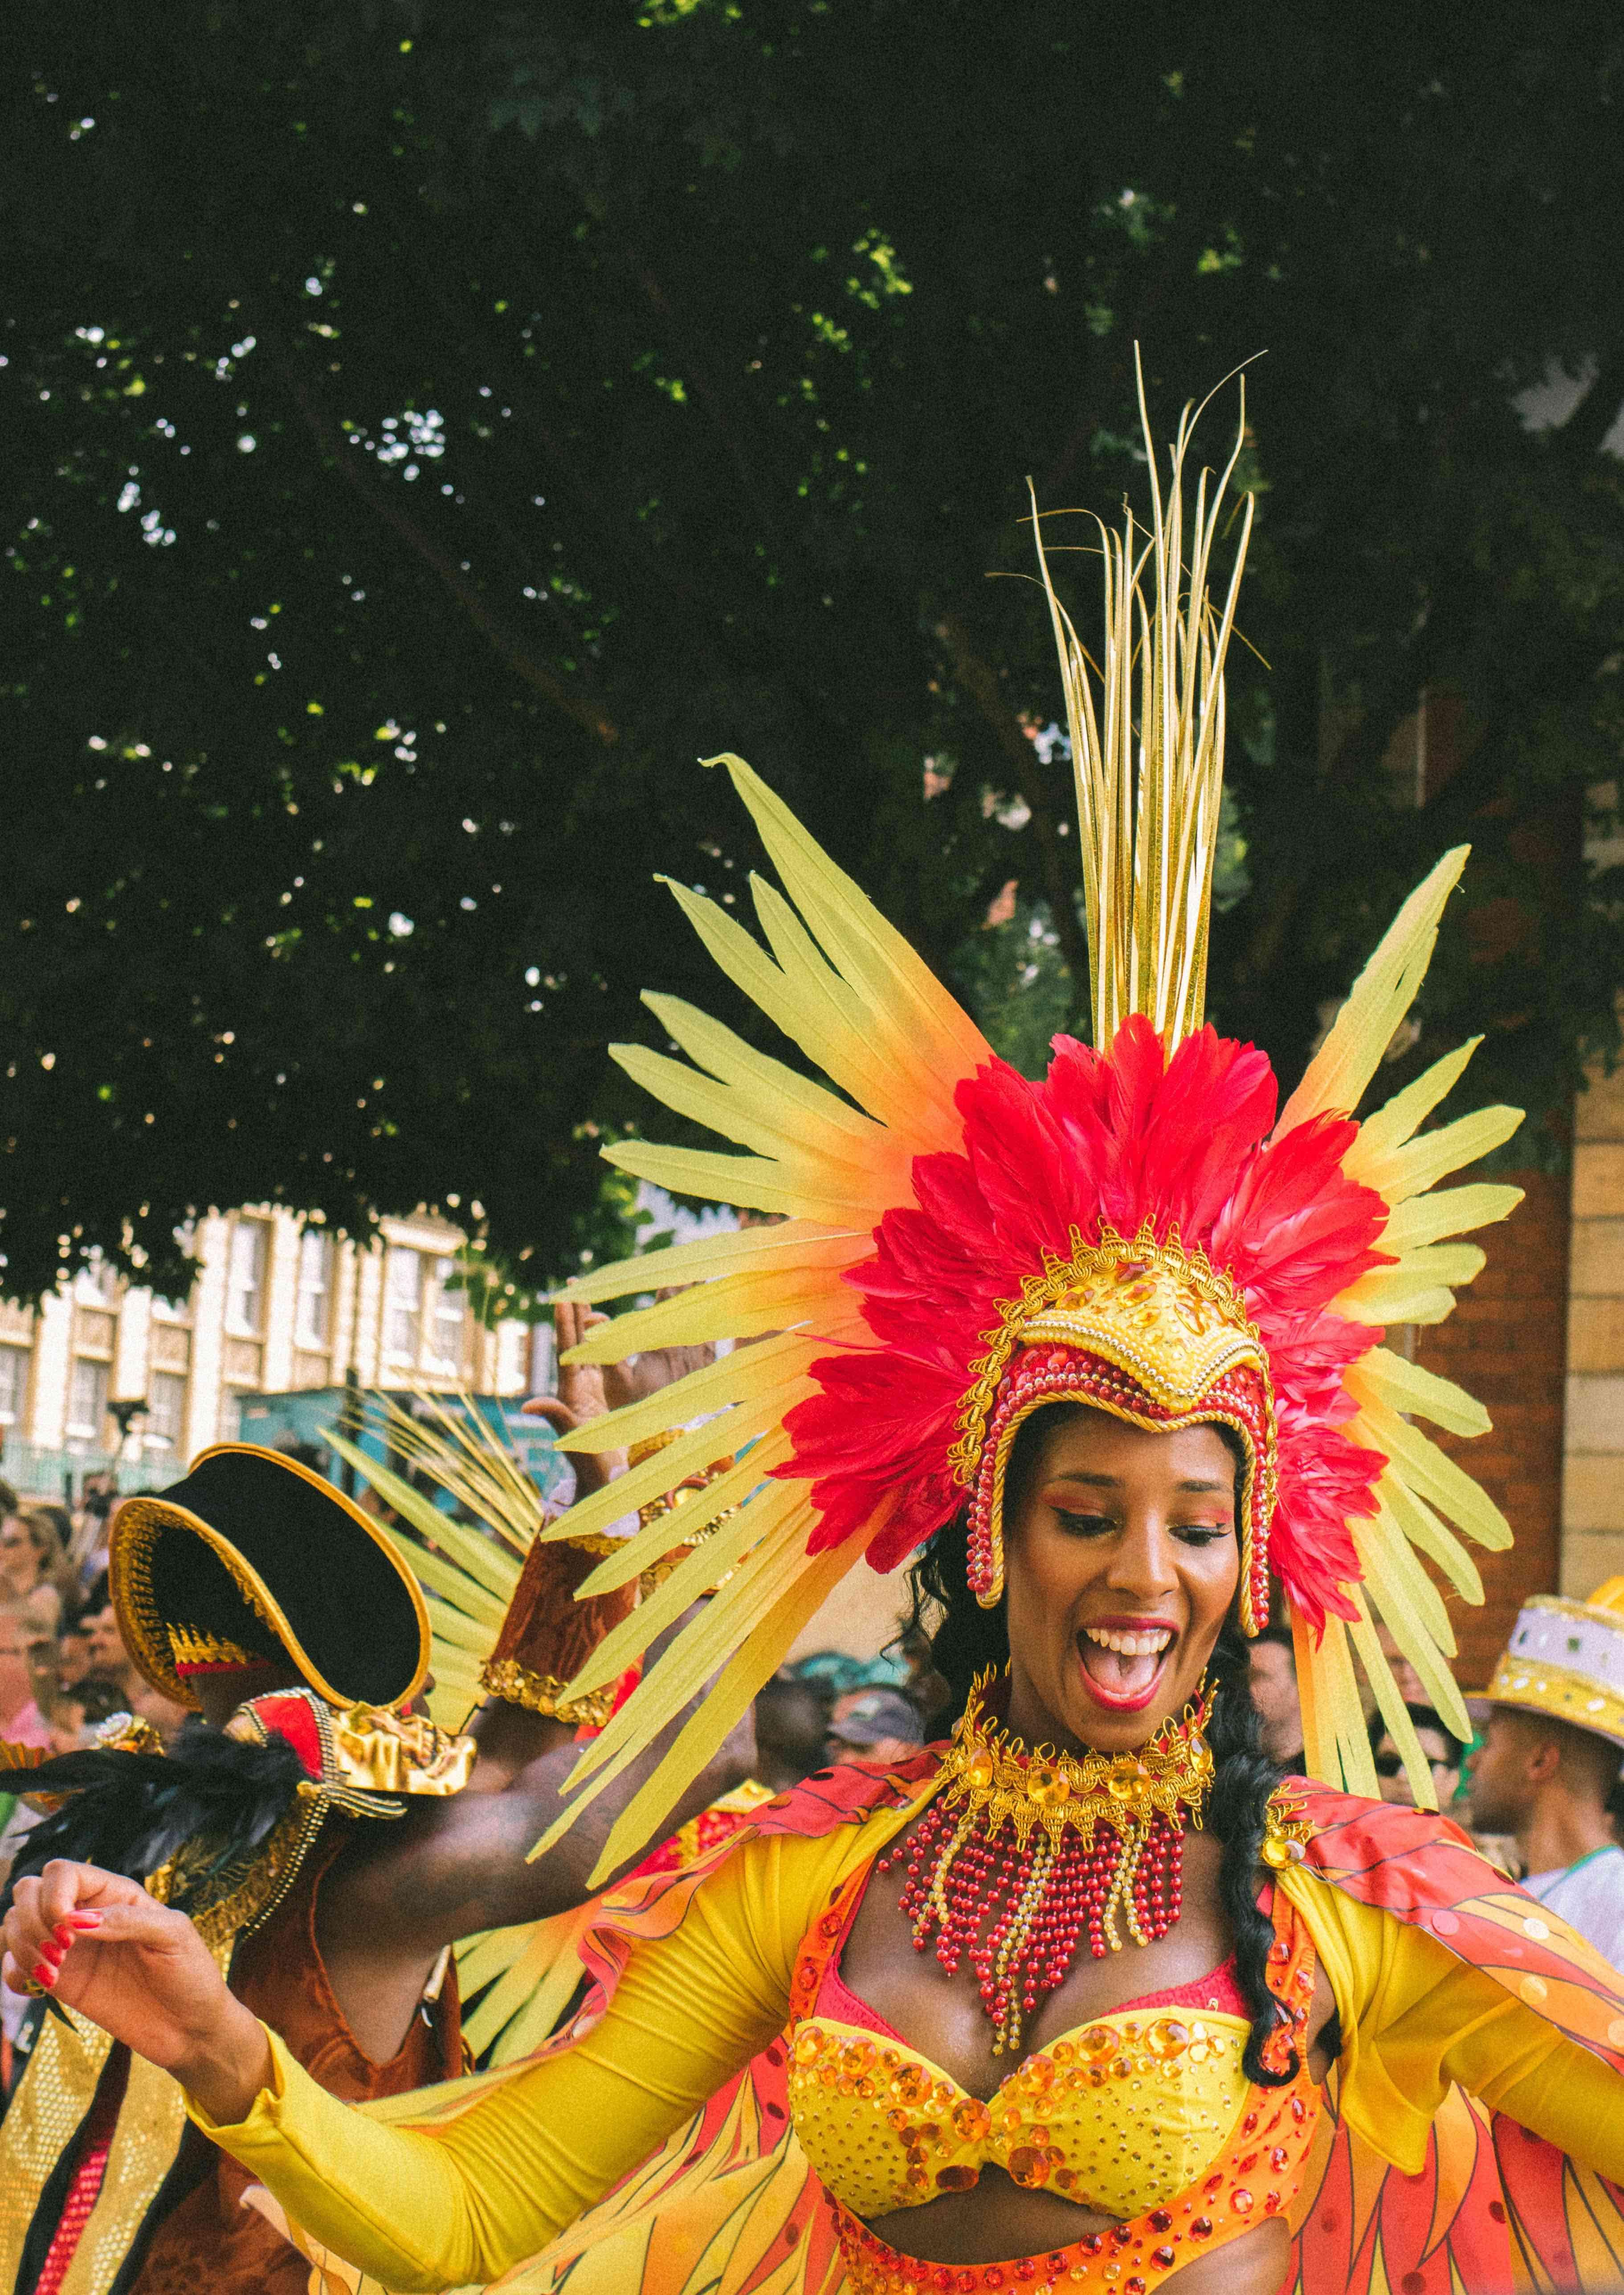 Karneval, fest, farver, parade, kultur, kulturguide, pride, udklædning, dans